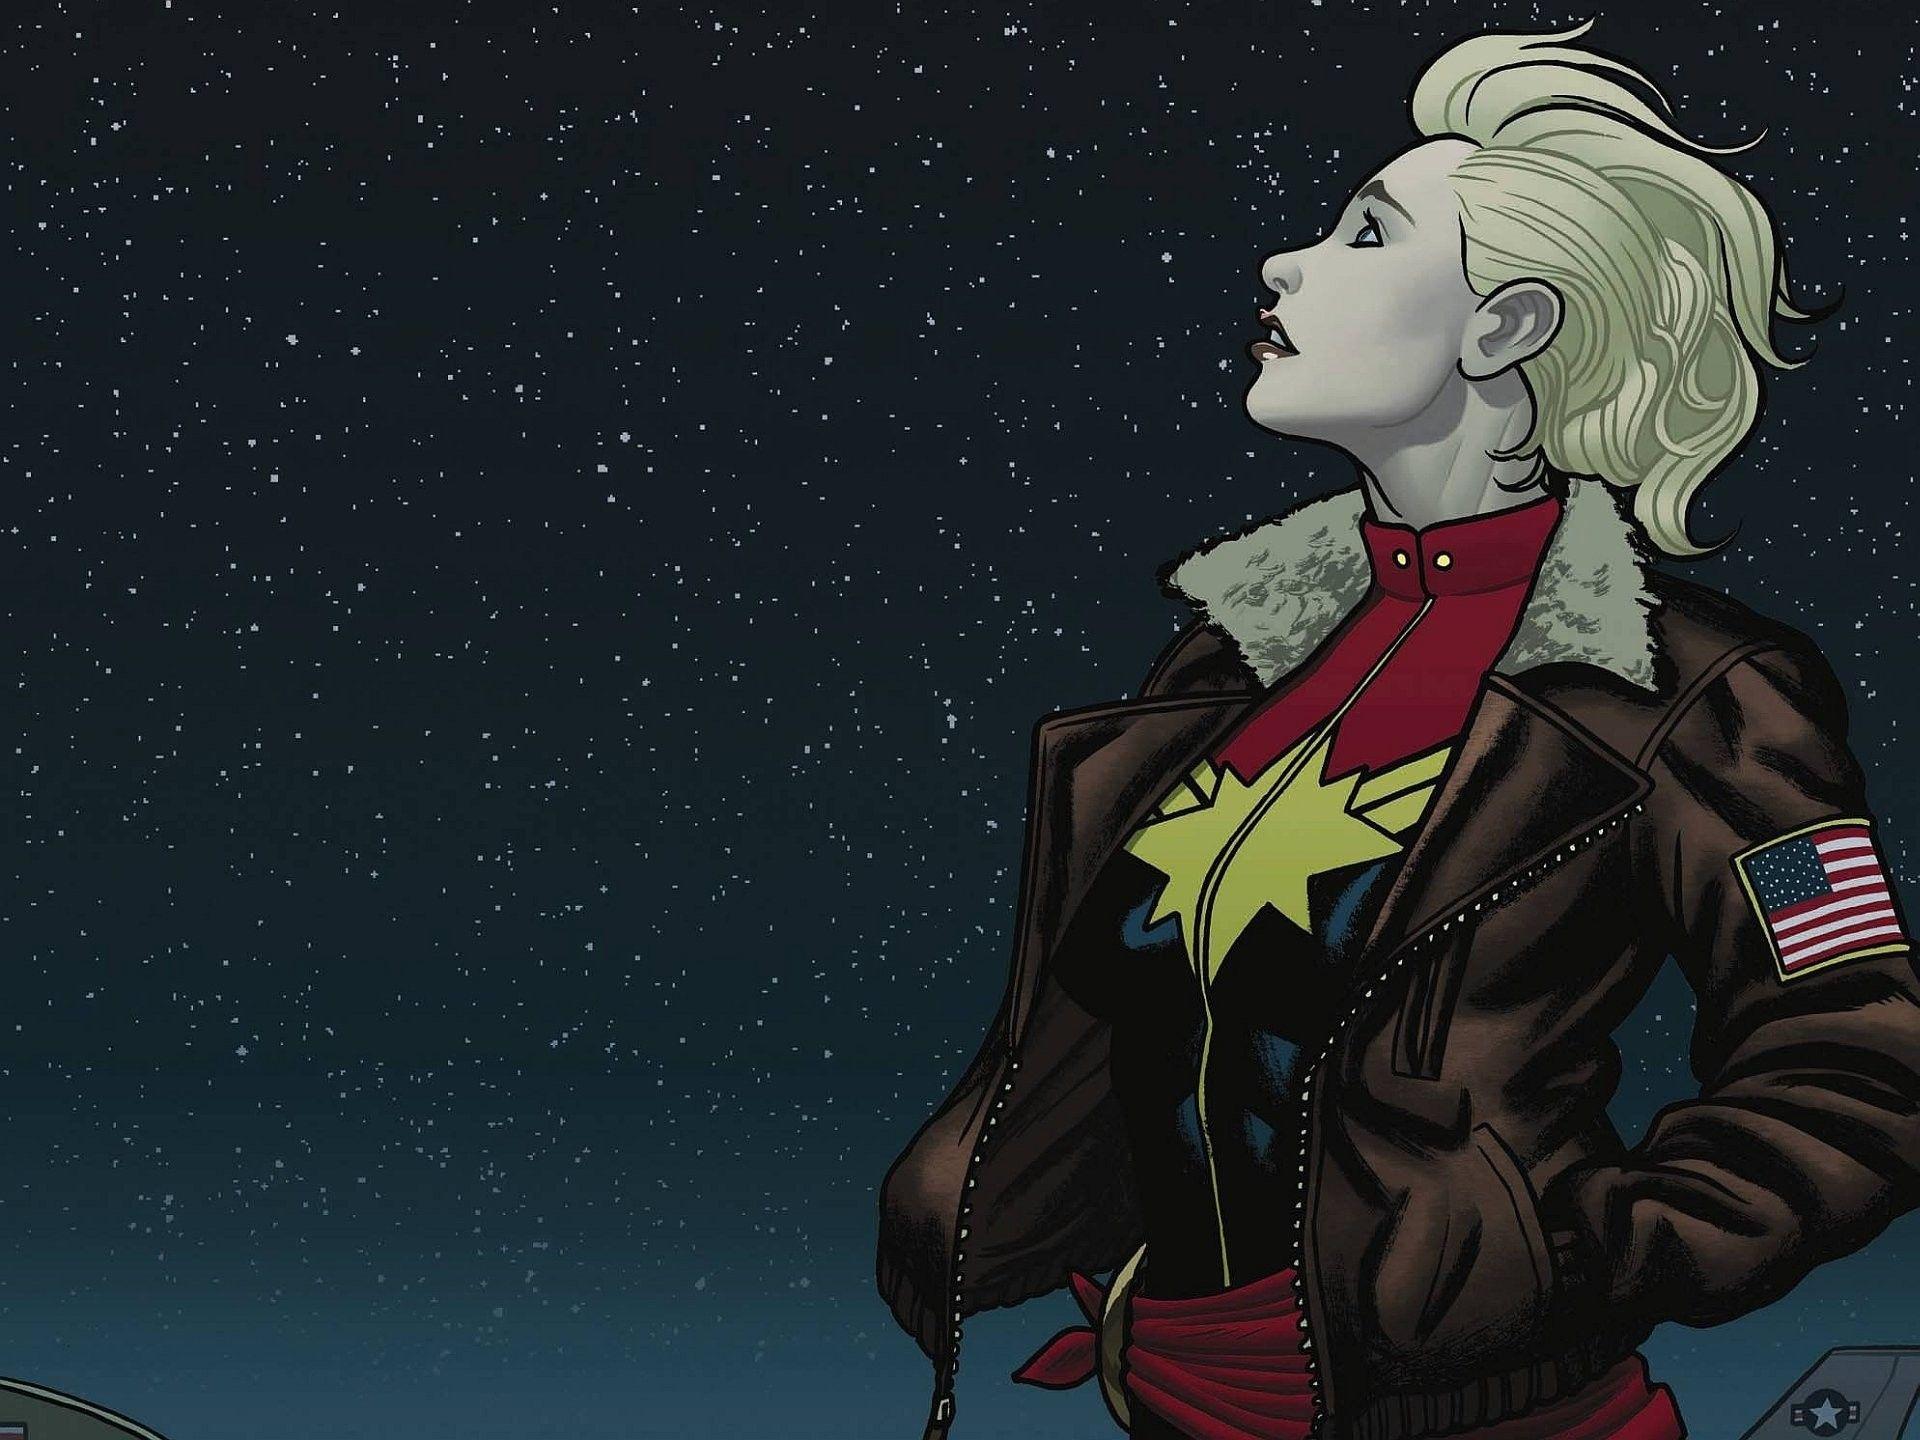 Hình ảnh nữ siêu anh hùng